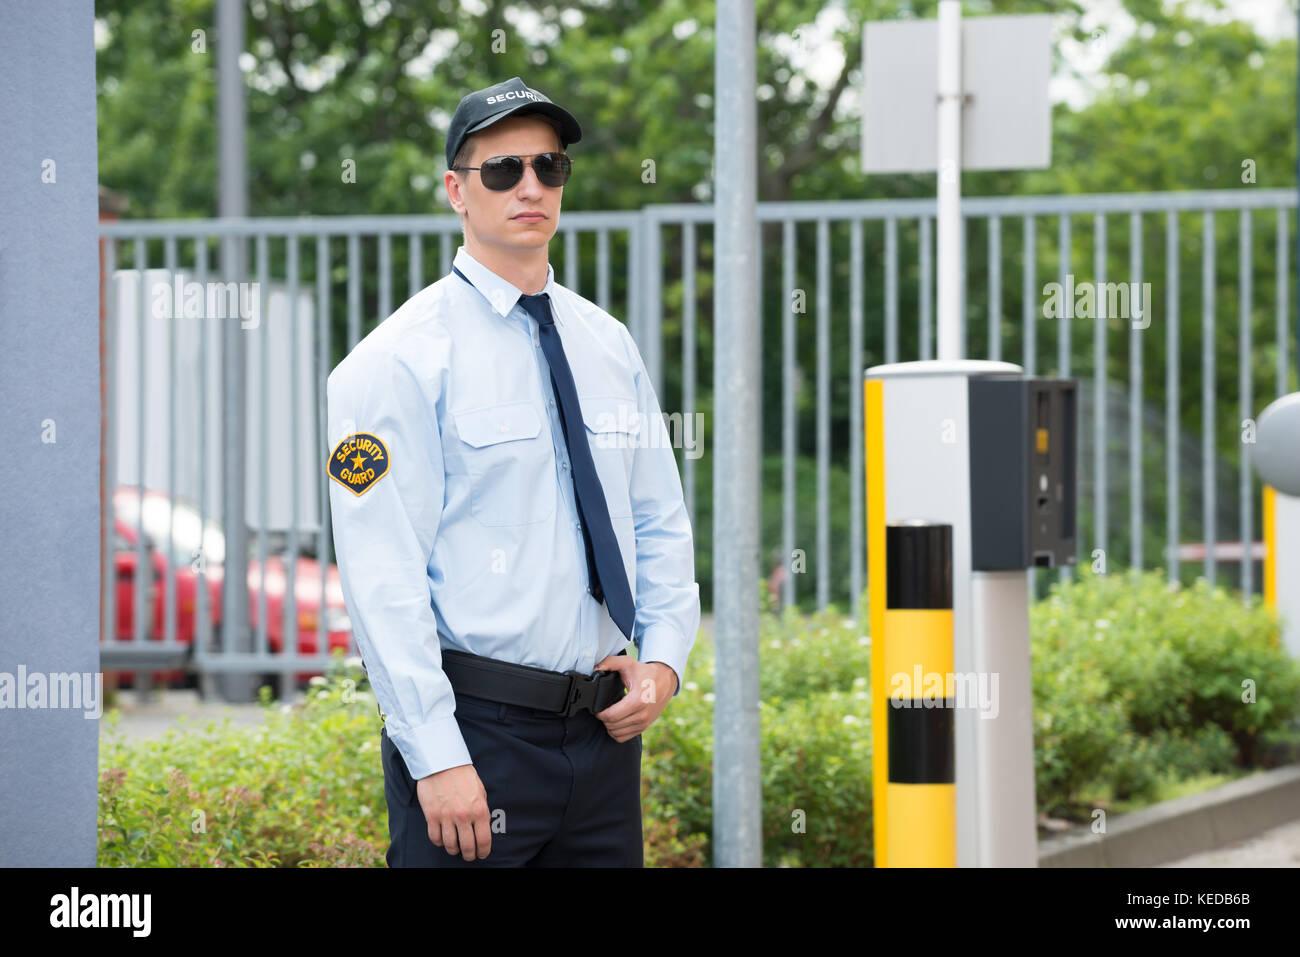 Junge männliche Security Guard stand neben dem Auto Parken der Maschine Stockbild